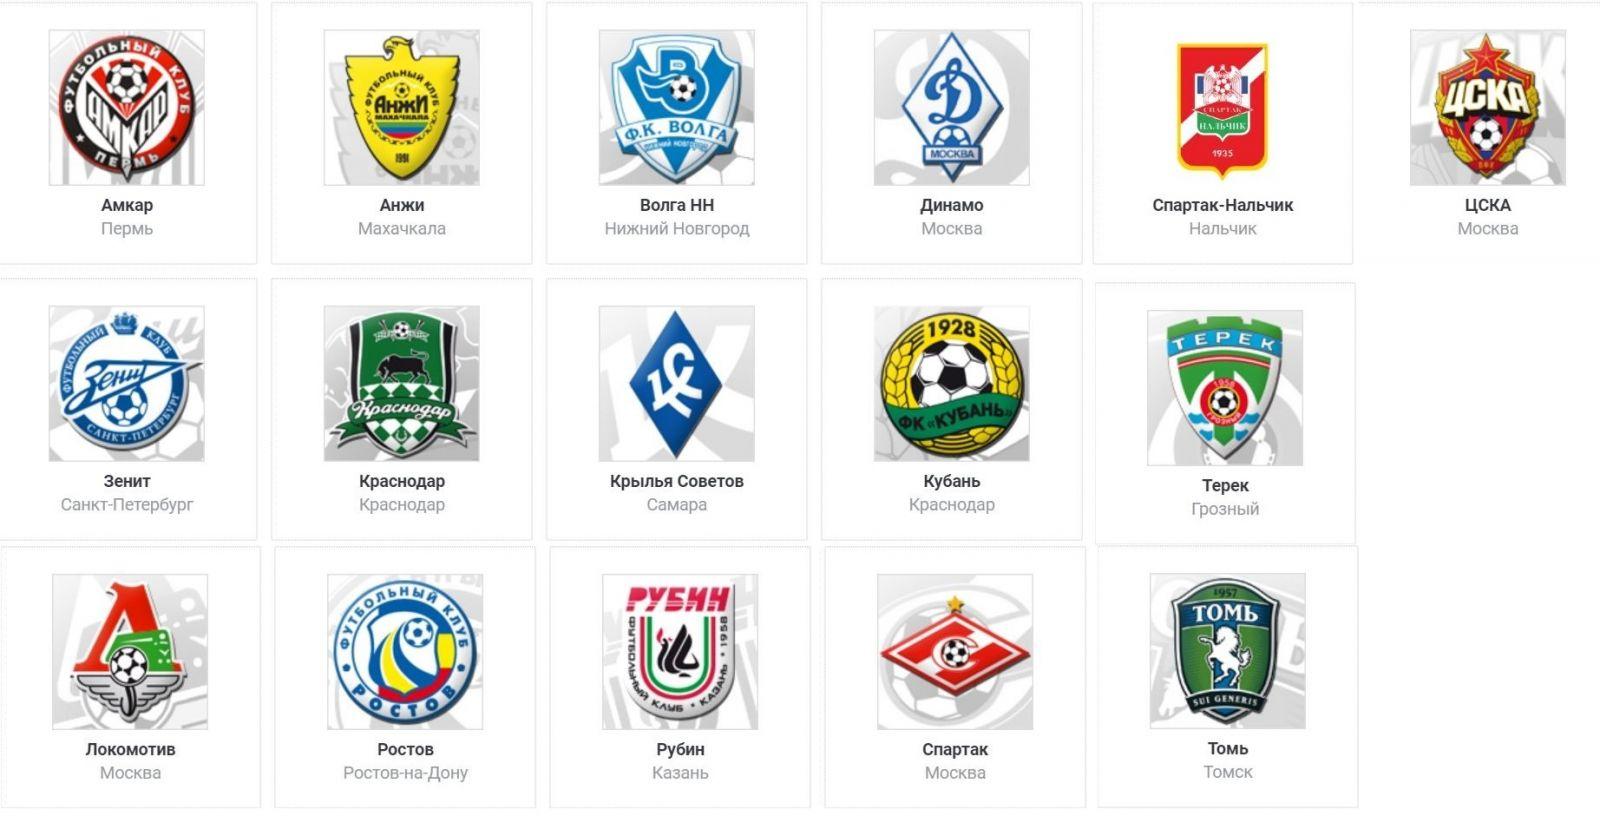 Команды РФПЛ 2011/2012